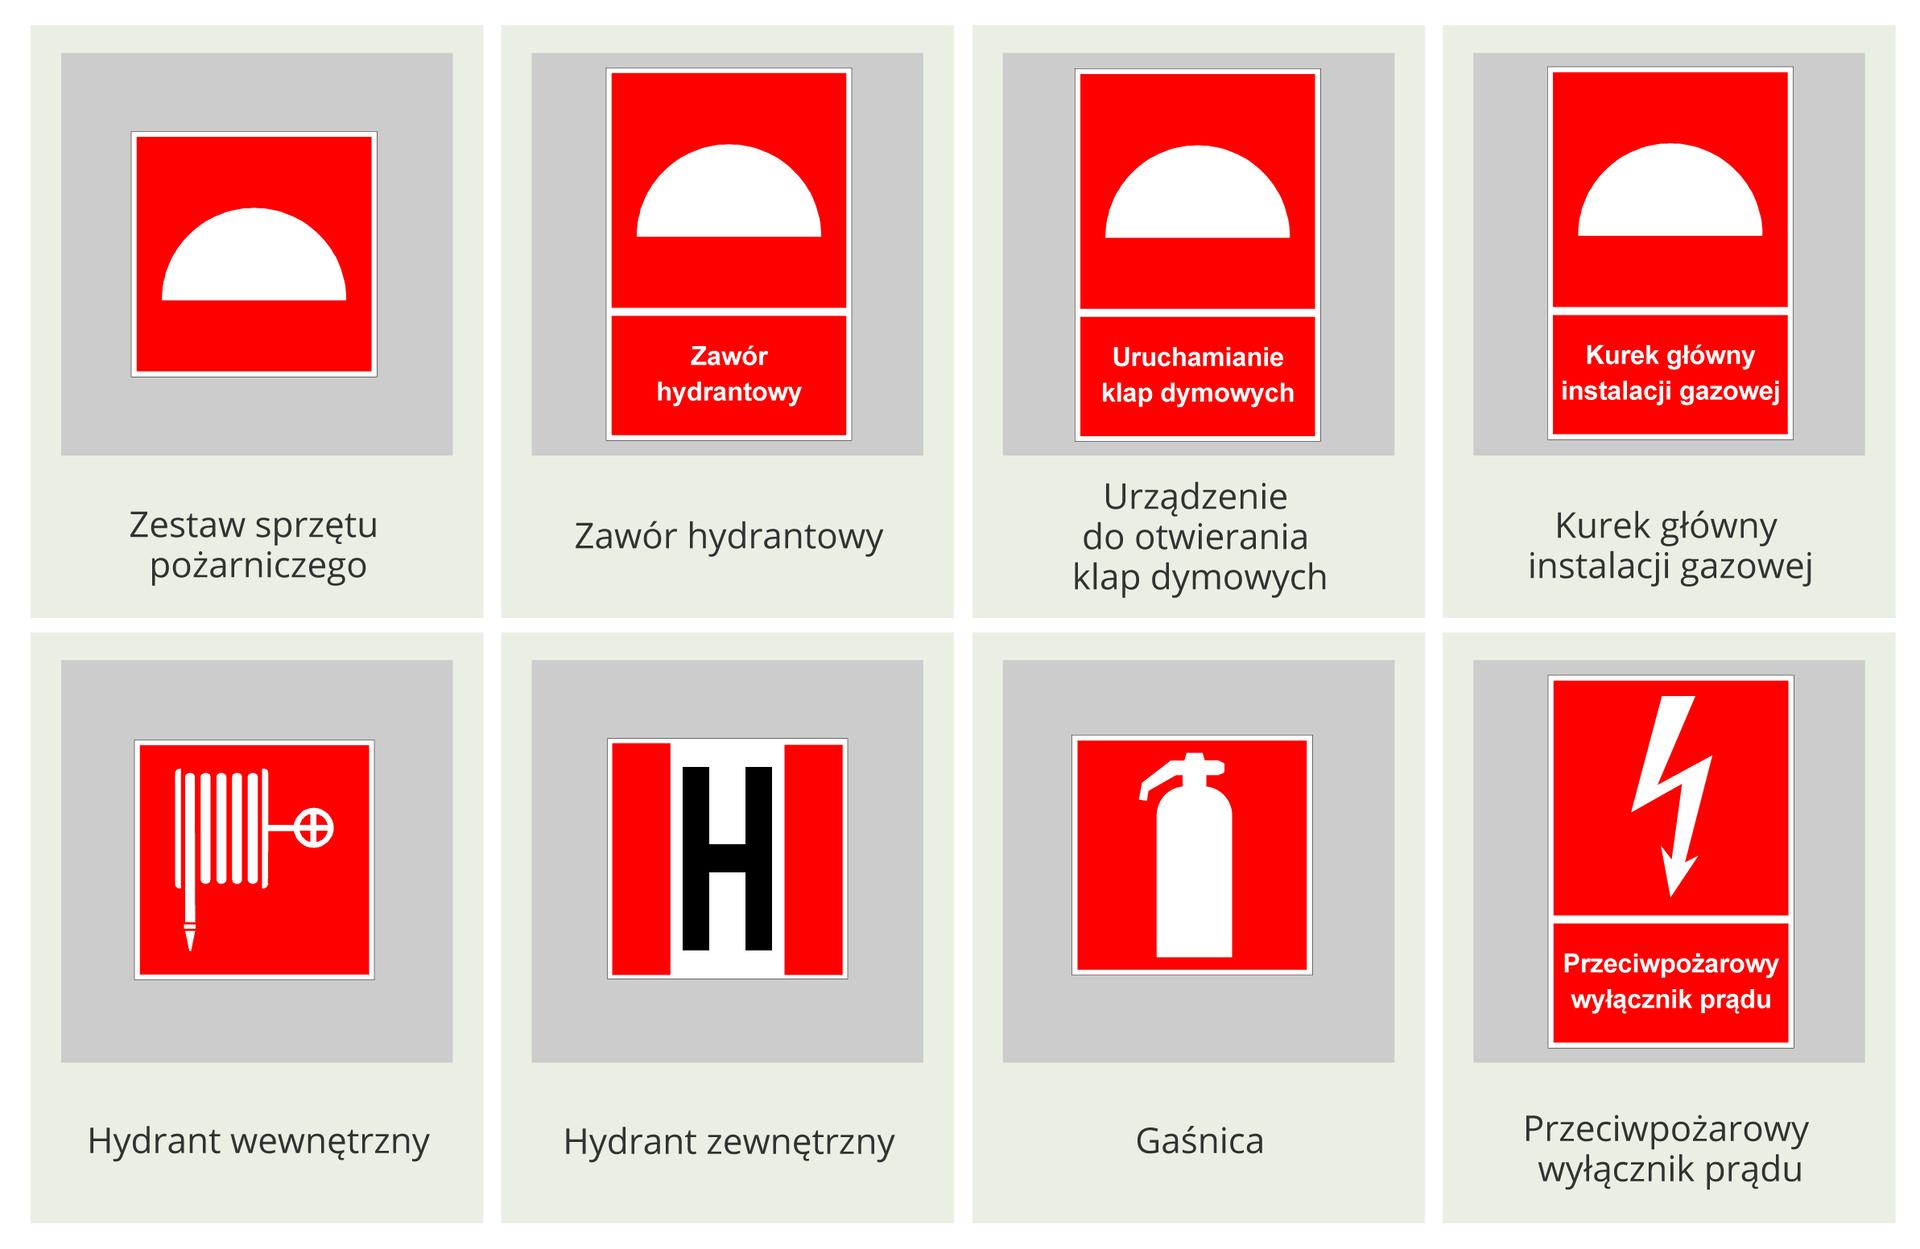 Ilustracja przedstawia osiem znaków przeciwpożarowych. We wszystkich dominują kolory czerwony ibiały, niektóre dodatkowo mają piktogramy wkolorze czarnym. Znaki ułożone wdwóch rzędach. Pierwszy rząd zawiera znaki, wktórych element graficzny zawsze ma postać czerwonego kwadratu na tle którego znajduje się białe półkole skierowane zaokrągloną częścią wgórę. Znak zlewej strony nie zawiera napisów ioznacza miejsce lokalizacji zestawu sprzętu pożarniczego. Kolejne znaki zawierają podpisy: Zawór hydrantowy, Urządzenie do otwierania klap dymowych, Kurek główny instalacji gazowej. Wdrugim rzędzie licząc od prawej tablice to: znak kwadratowy zbiałym piktogramem węża pożarniczego nawiniętego na szpulę izaworu (hydrant wewnętrzny), znak kwadratowy zbiałym pionowym prostokątem wśrodku idużą czarną literą Hna jego tle (hydrant zewnętrzny), znak kwadratowy zbiałym piktogramem gaśnicy oraz znak prostokątny zbiałym piktogramem błyskawicy wgórnej części inapisem Przeciwpożarowy wyłącznik prądu wdolnej.